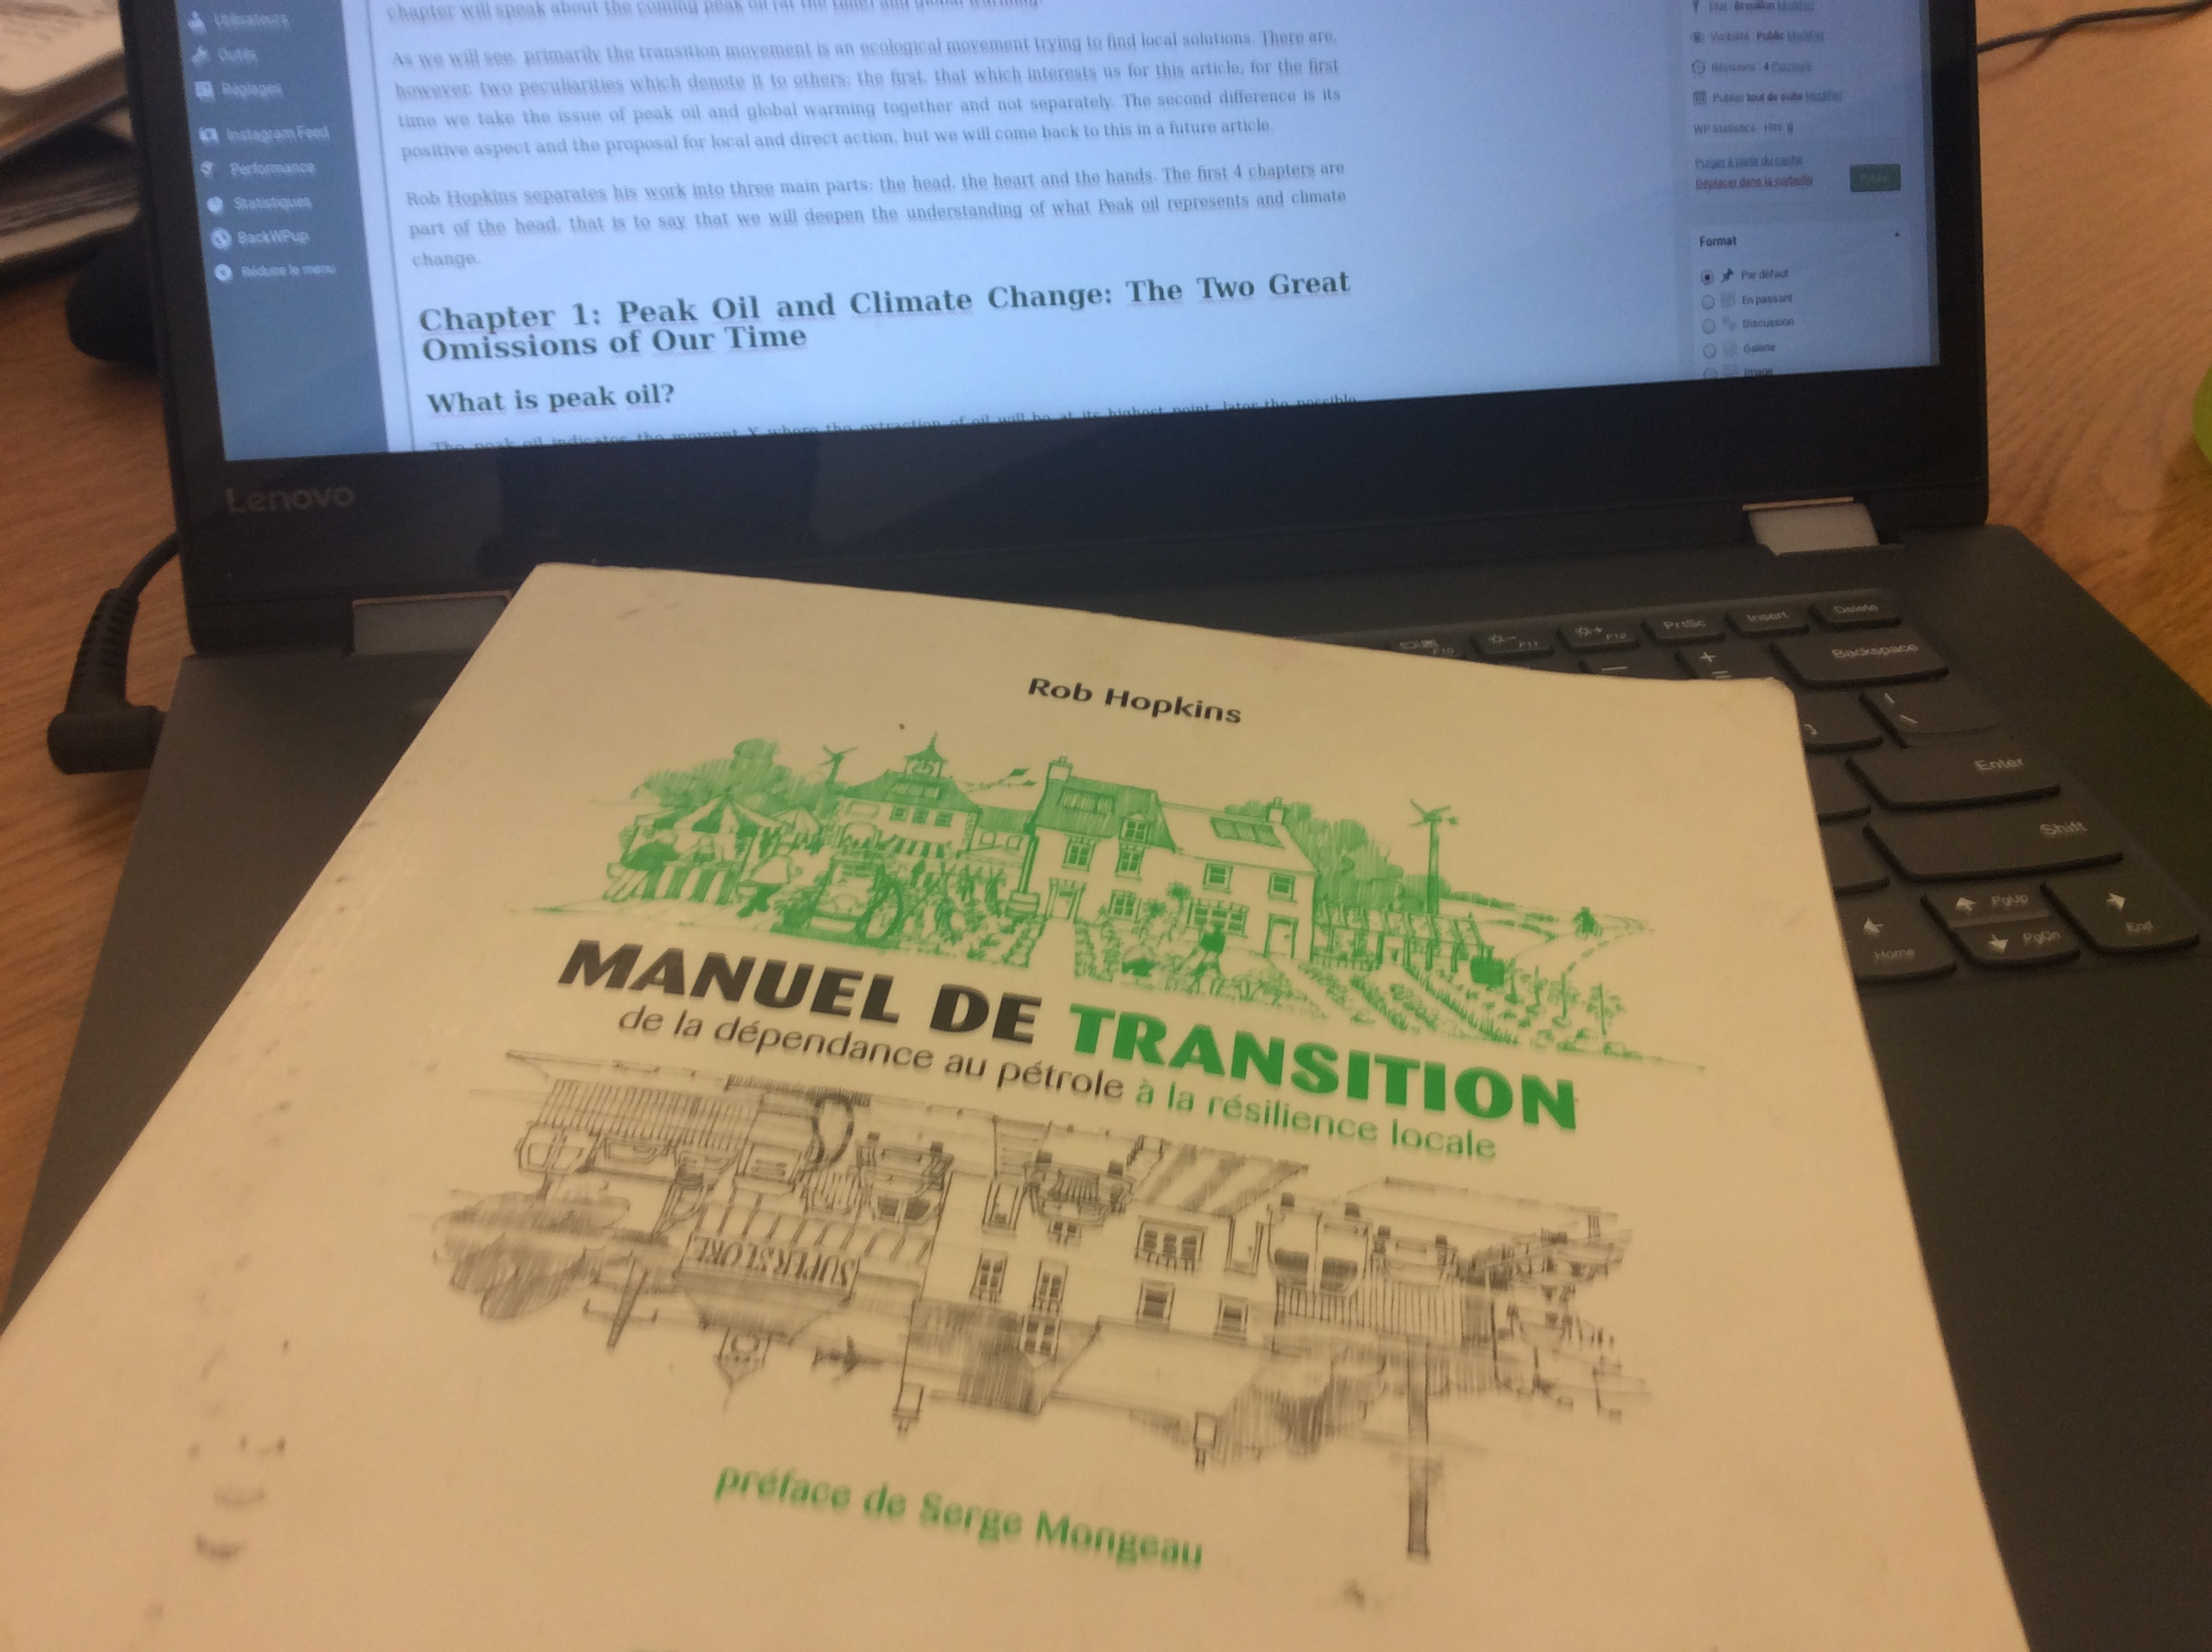 Manuel de transition: chapitre 1, pic pétrolier et changement climatique (partie 1/2)